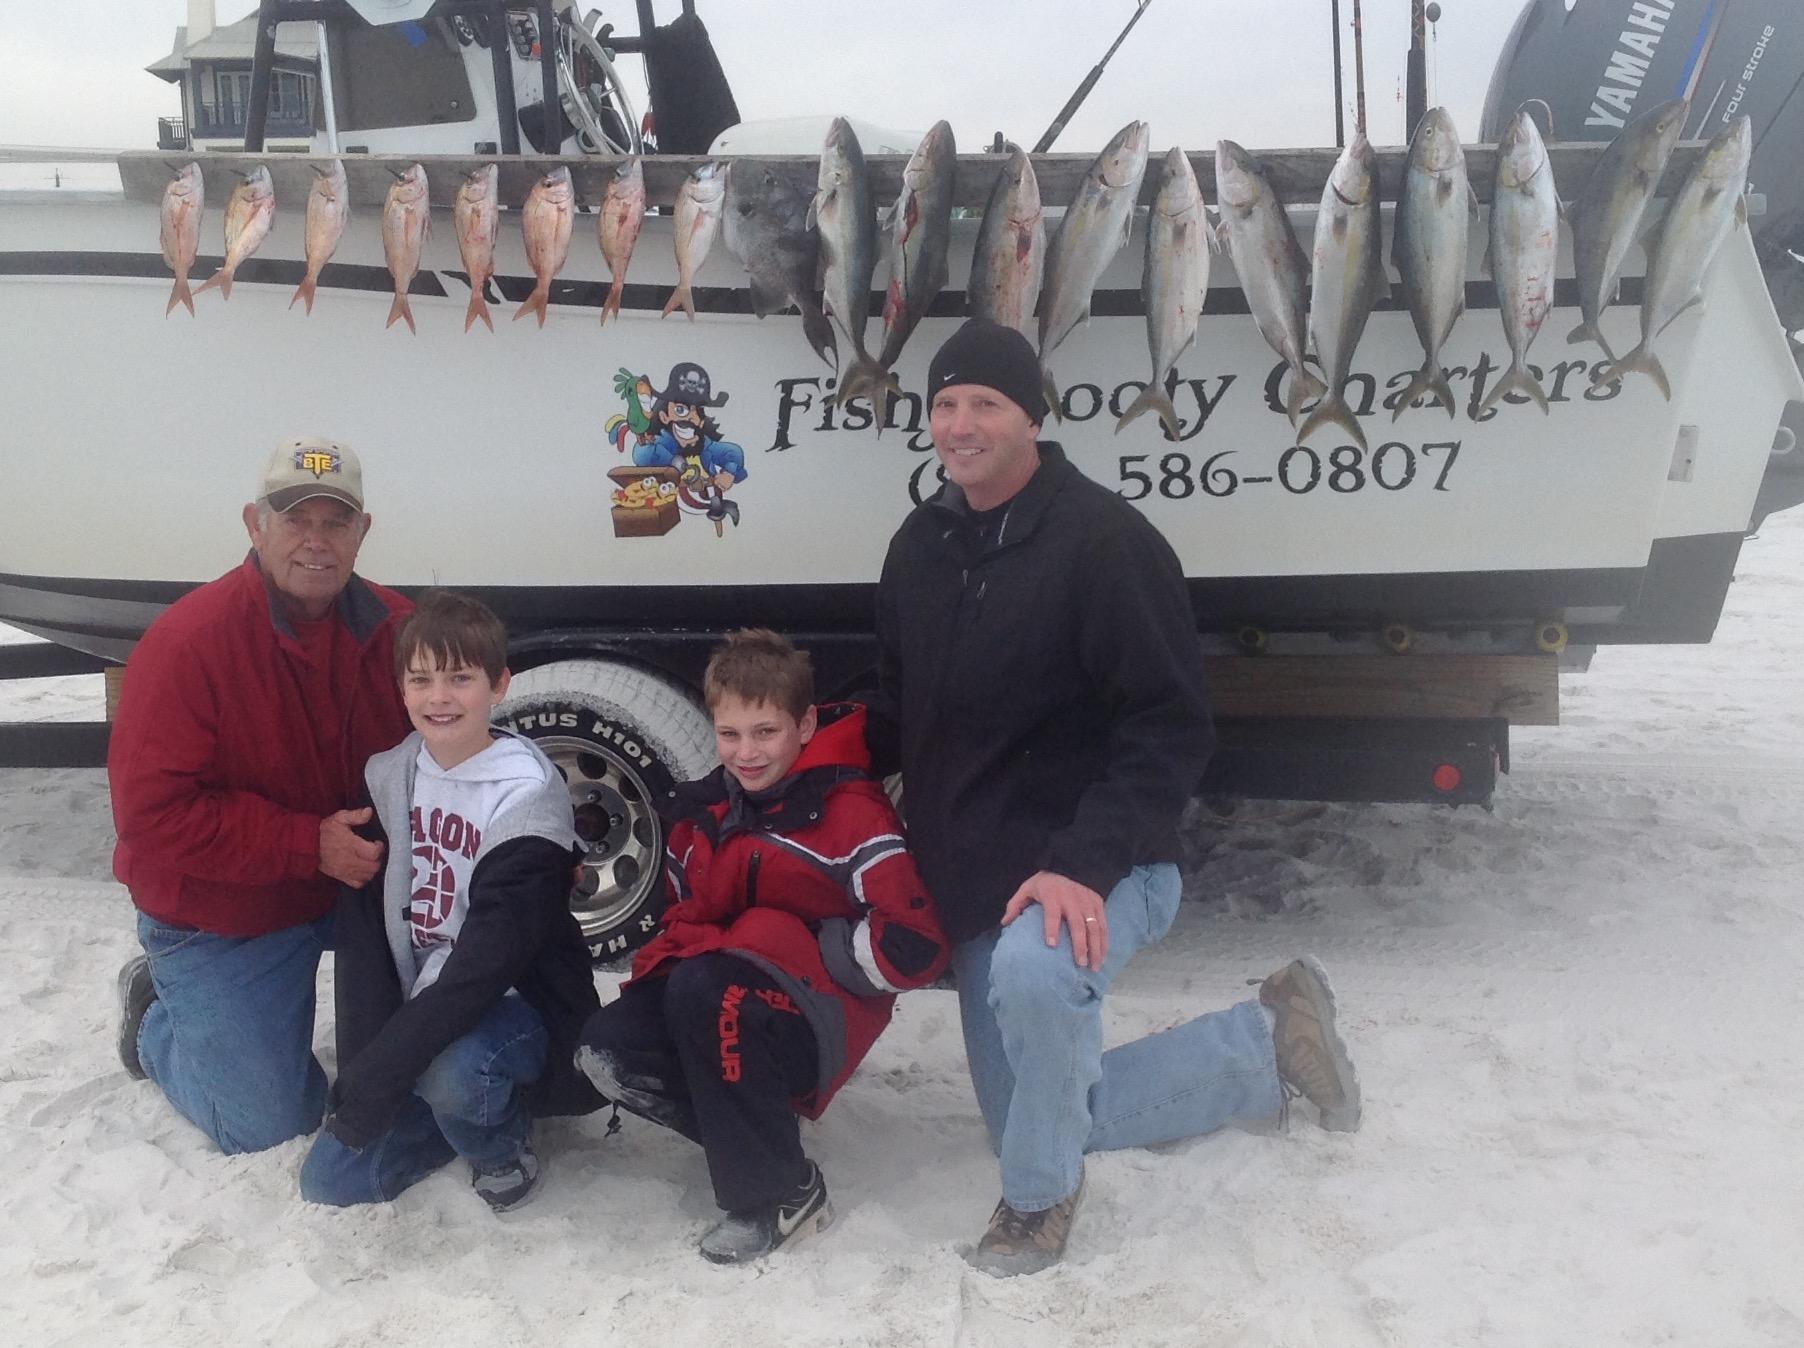 Fishy Booty Caharters - Grayton Beach Floria 30A SoWal Dec 31, 12 10 17 PM.jpg